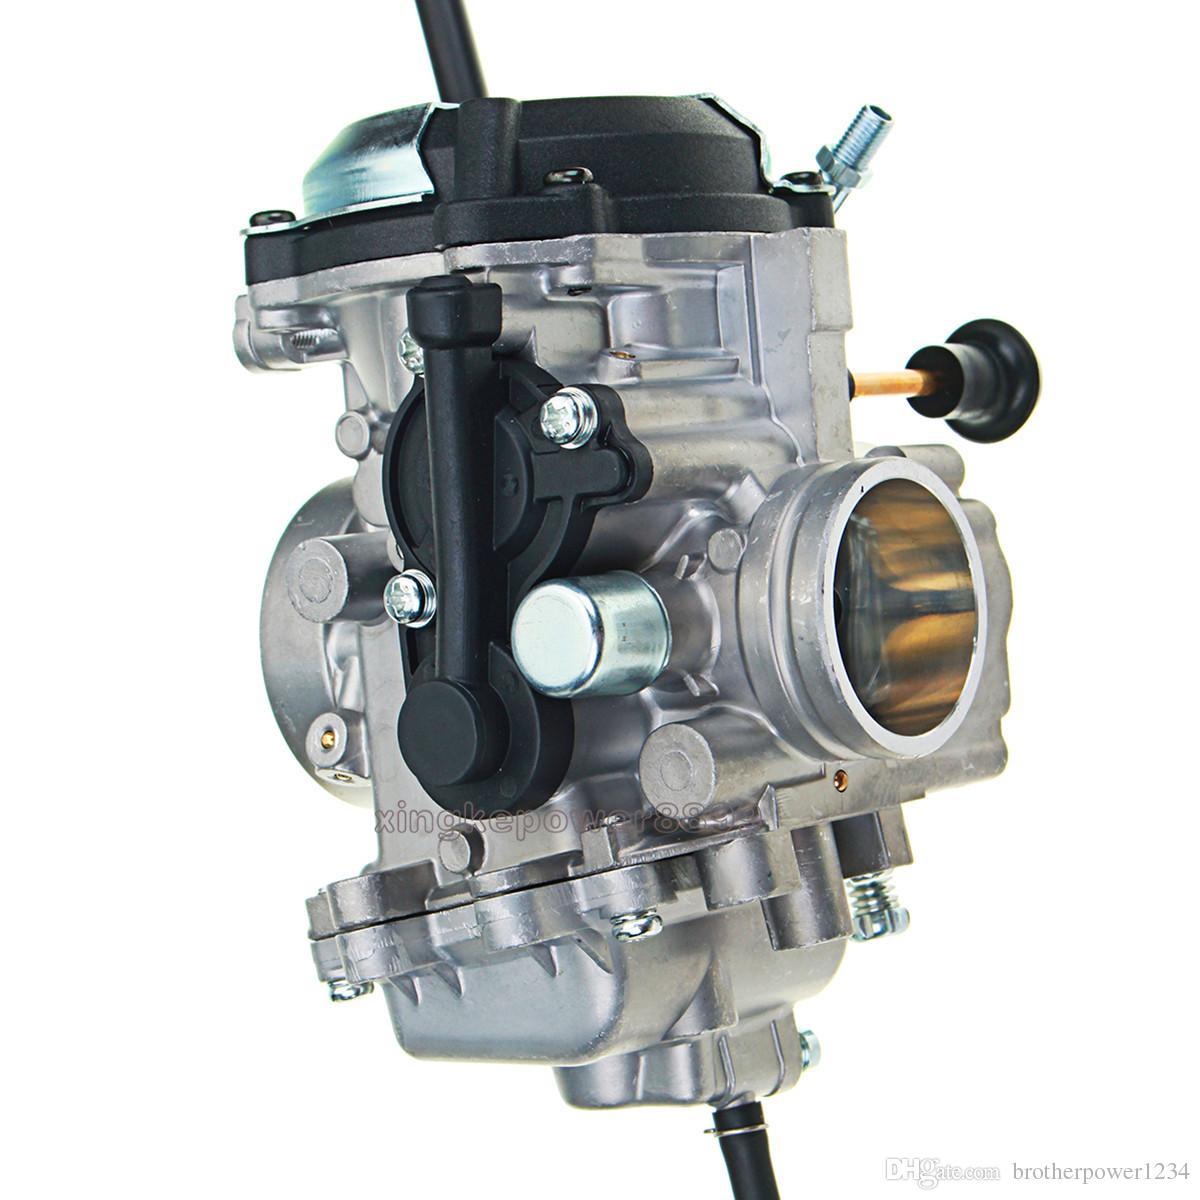 Ifjf Carburateur pour Yamaha Bear tracker 250/Yfm250/ATV 1999 2004/Carb